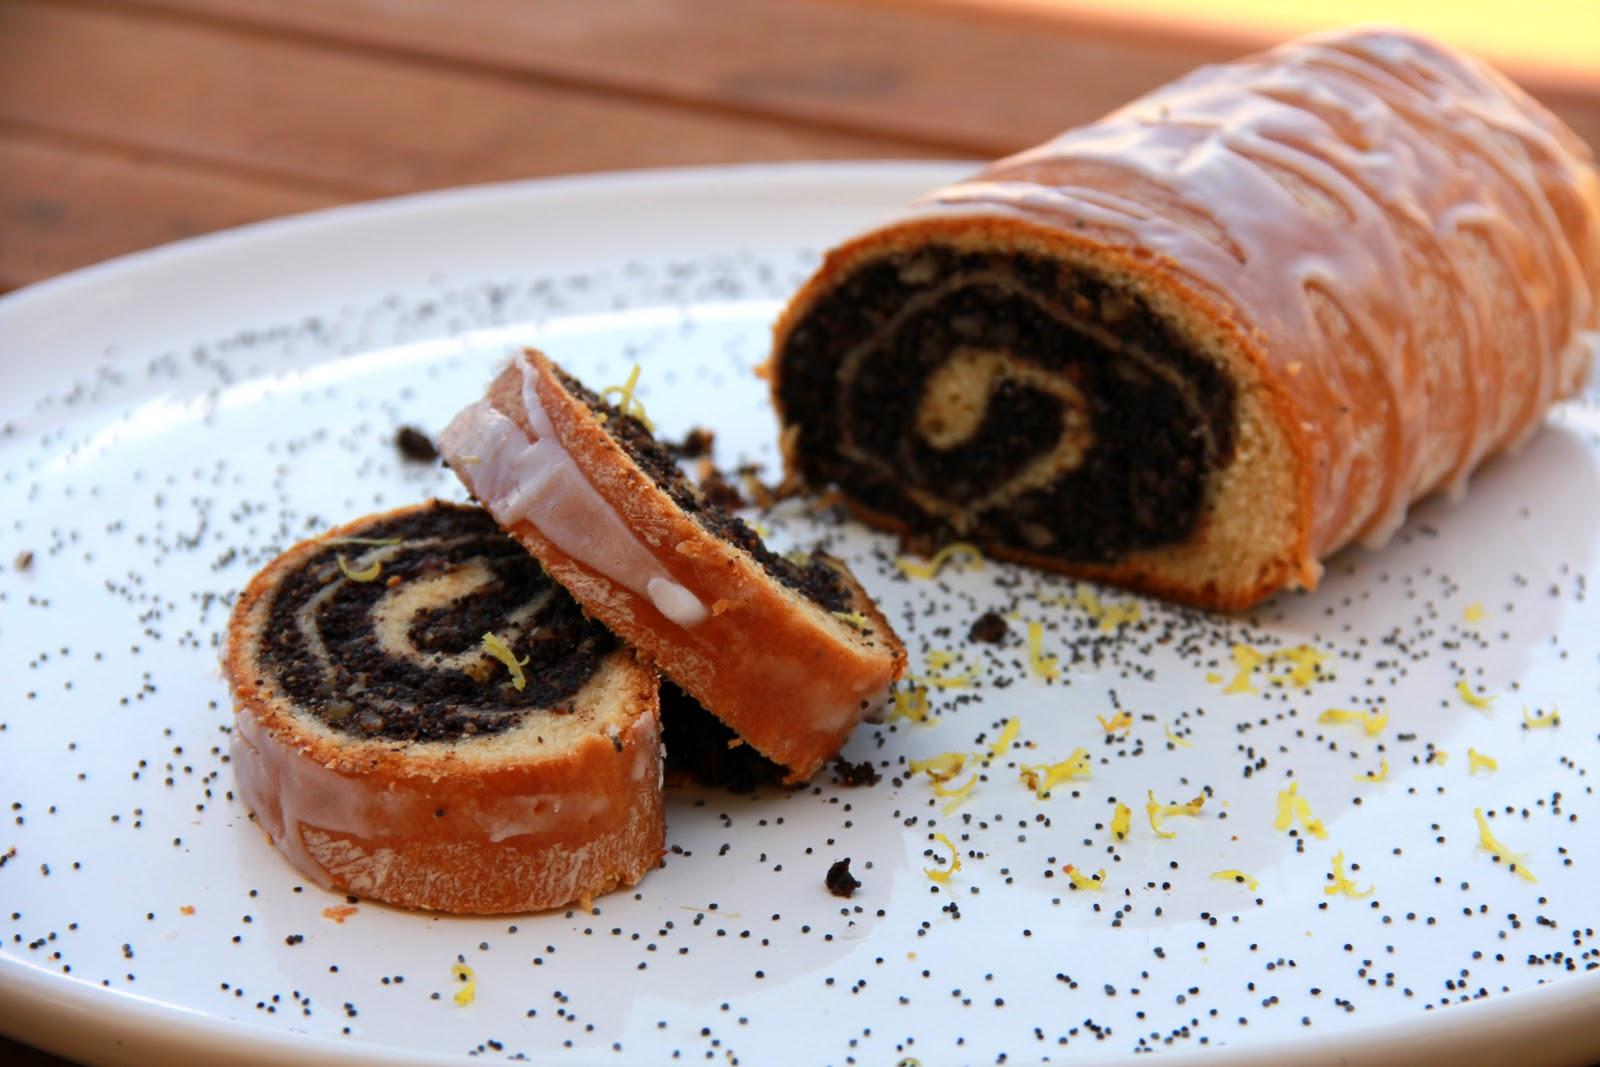 Polish Cake Recipes Uk: Polish Poppy Seed Cake (Makowiec)